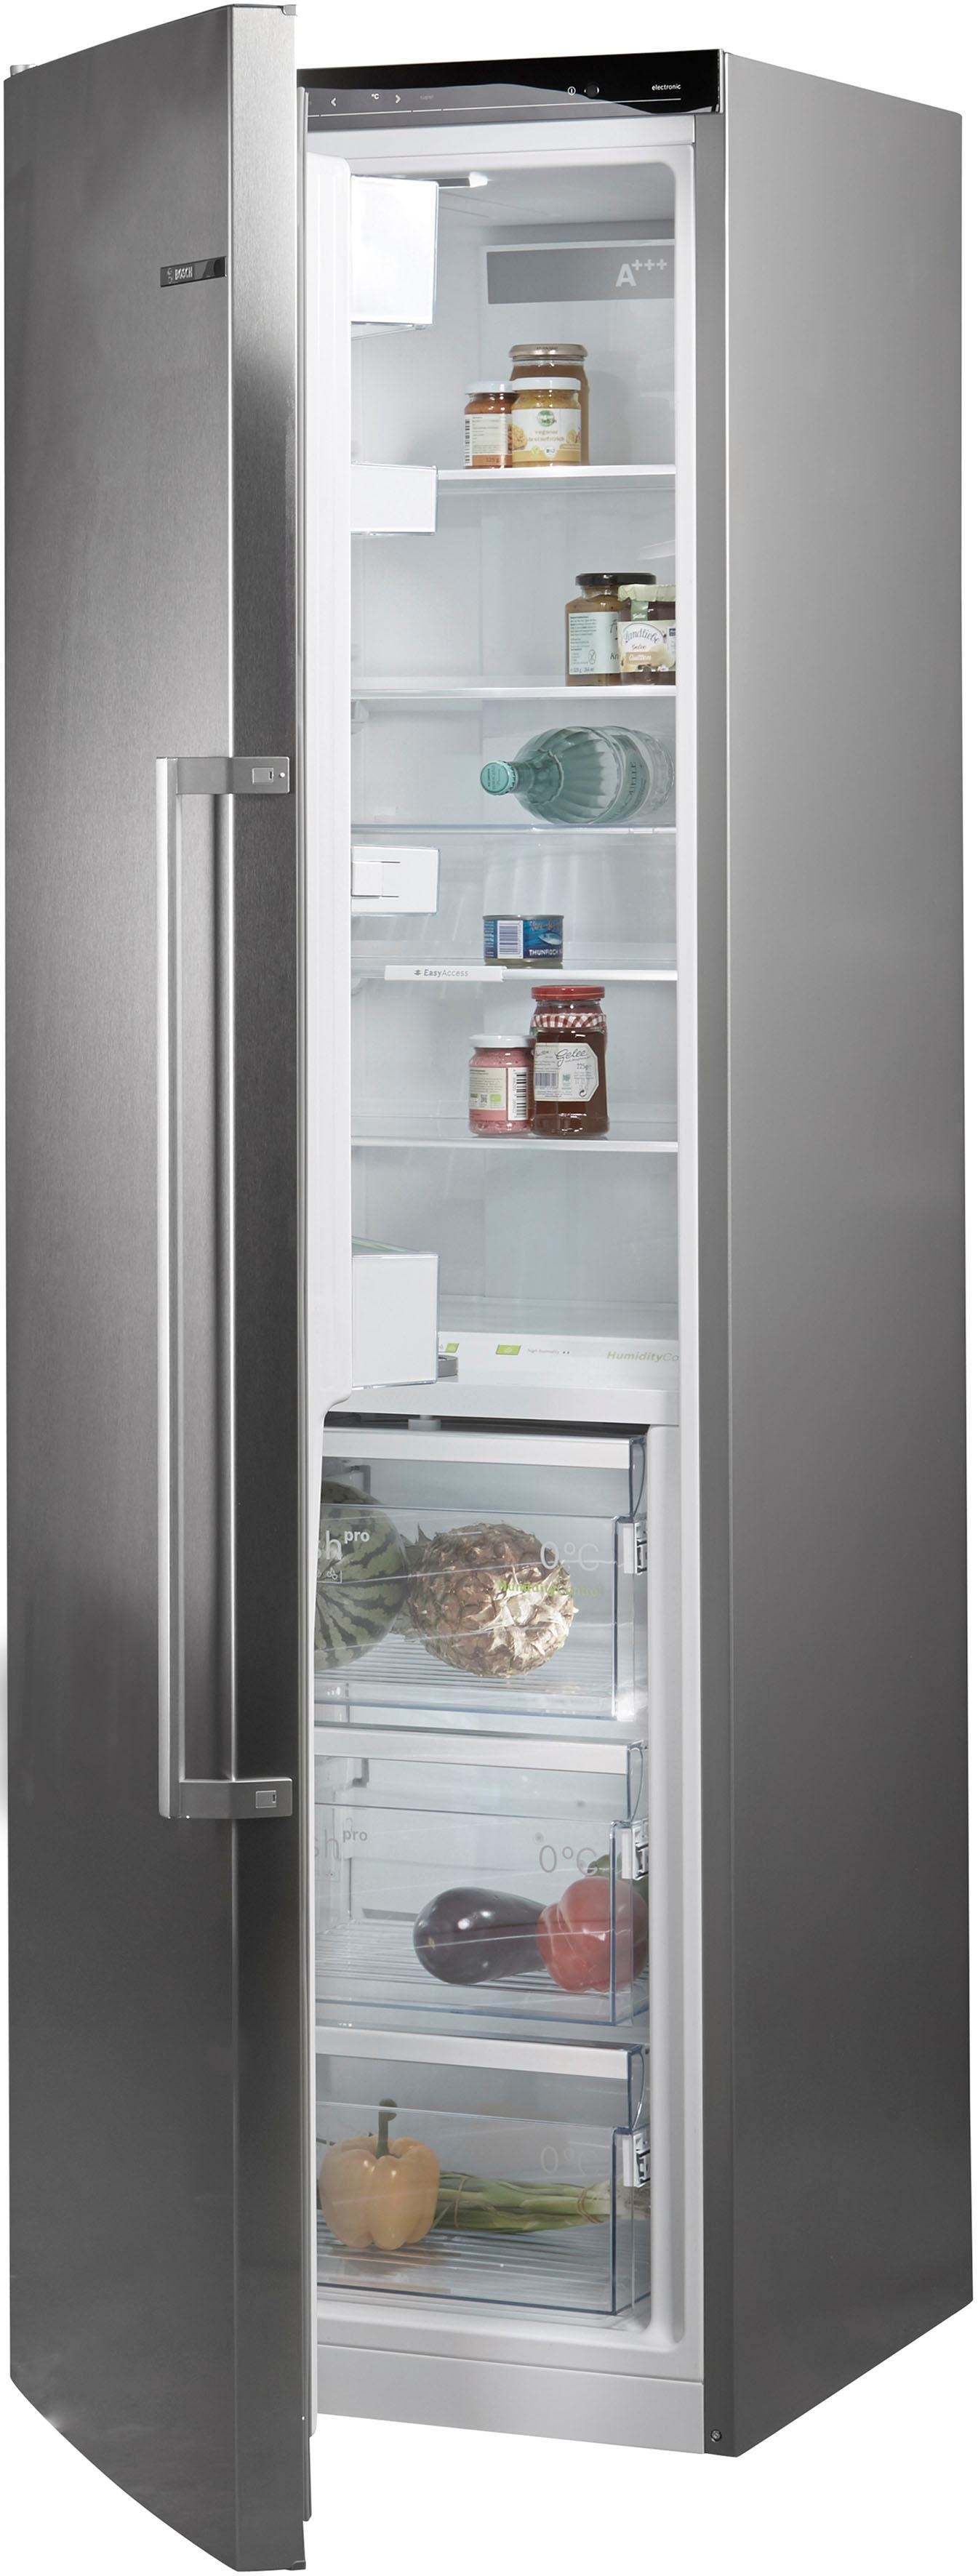 Bosch koelkast serie 8, 186 cm hoog, 60 cm breed bestellen: 14 dagen bedenktijd